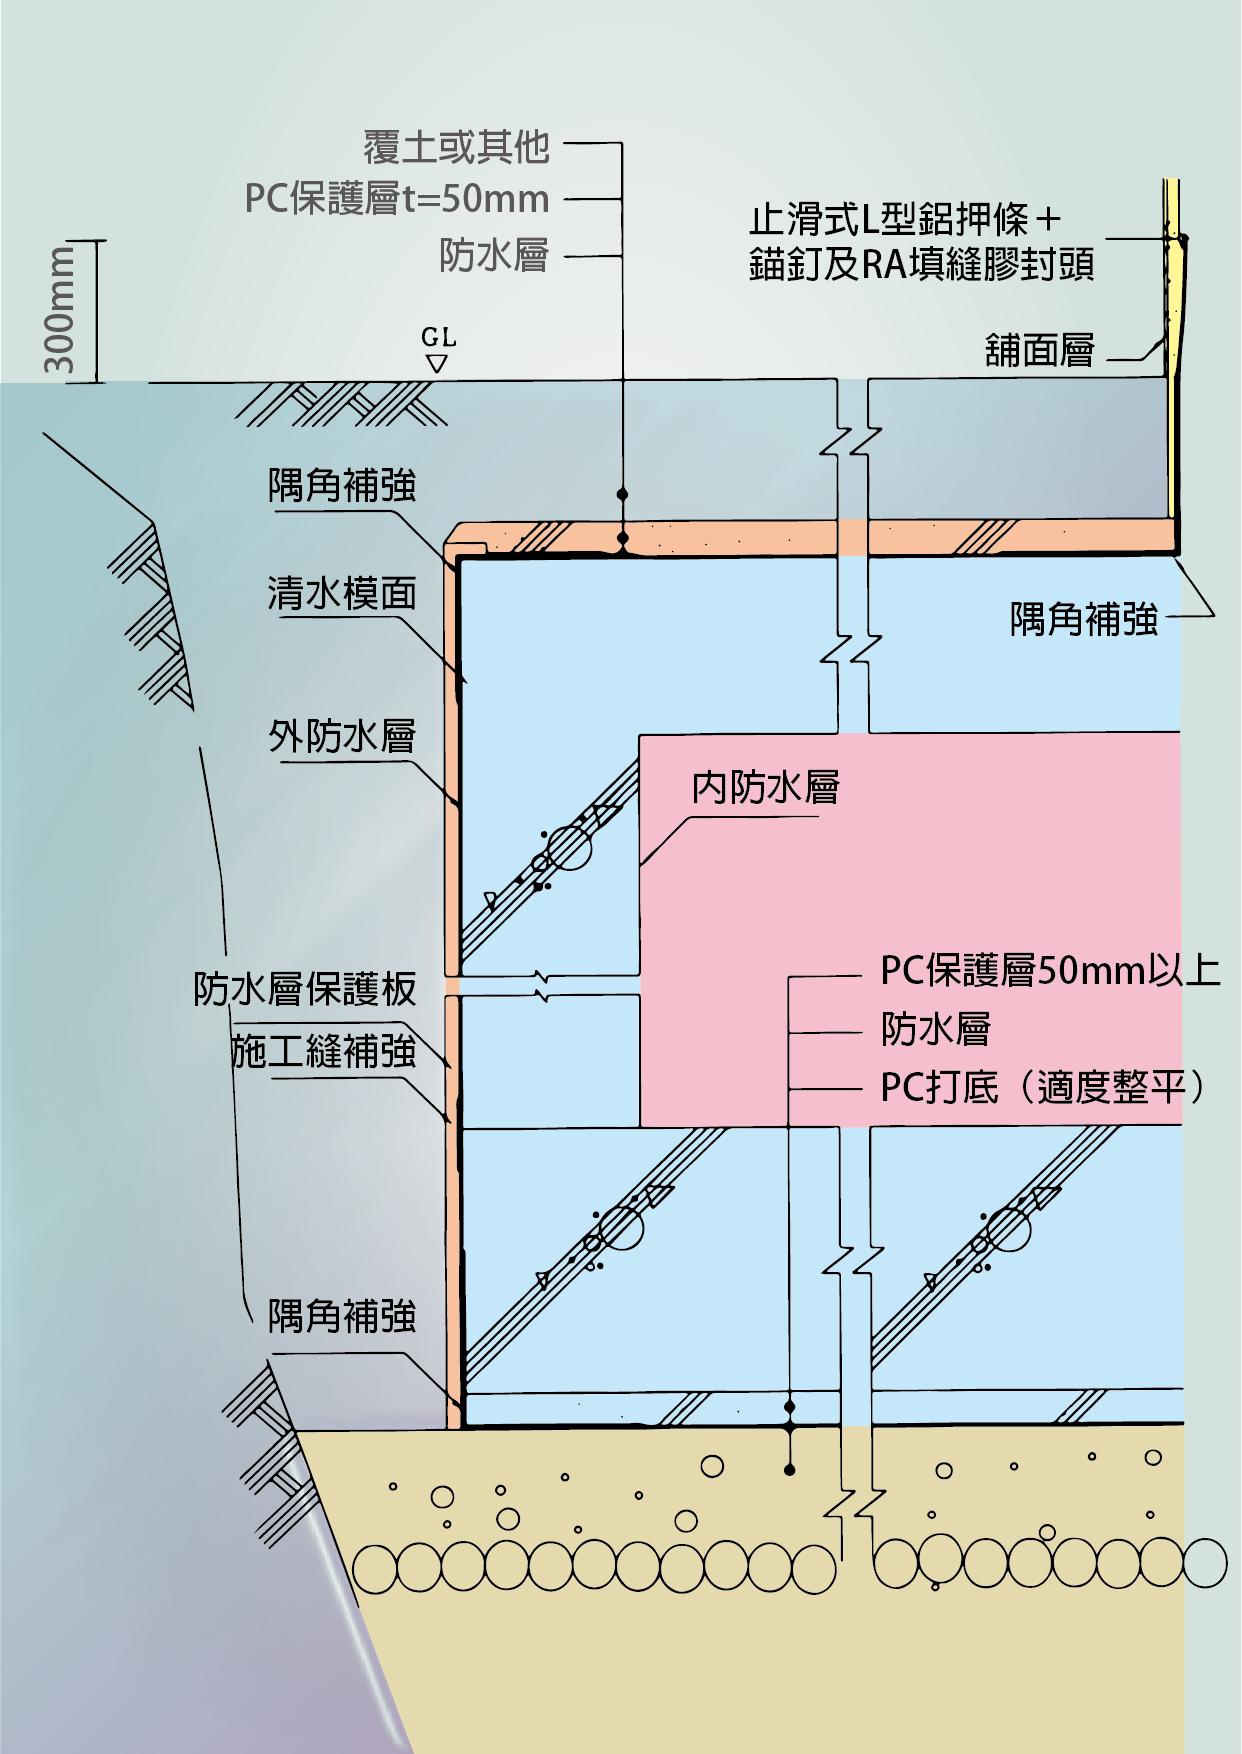 圖2-4-76(圖例一).png